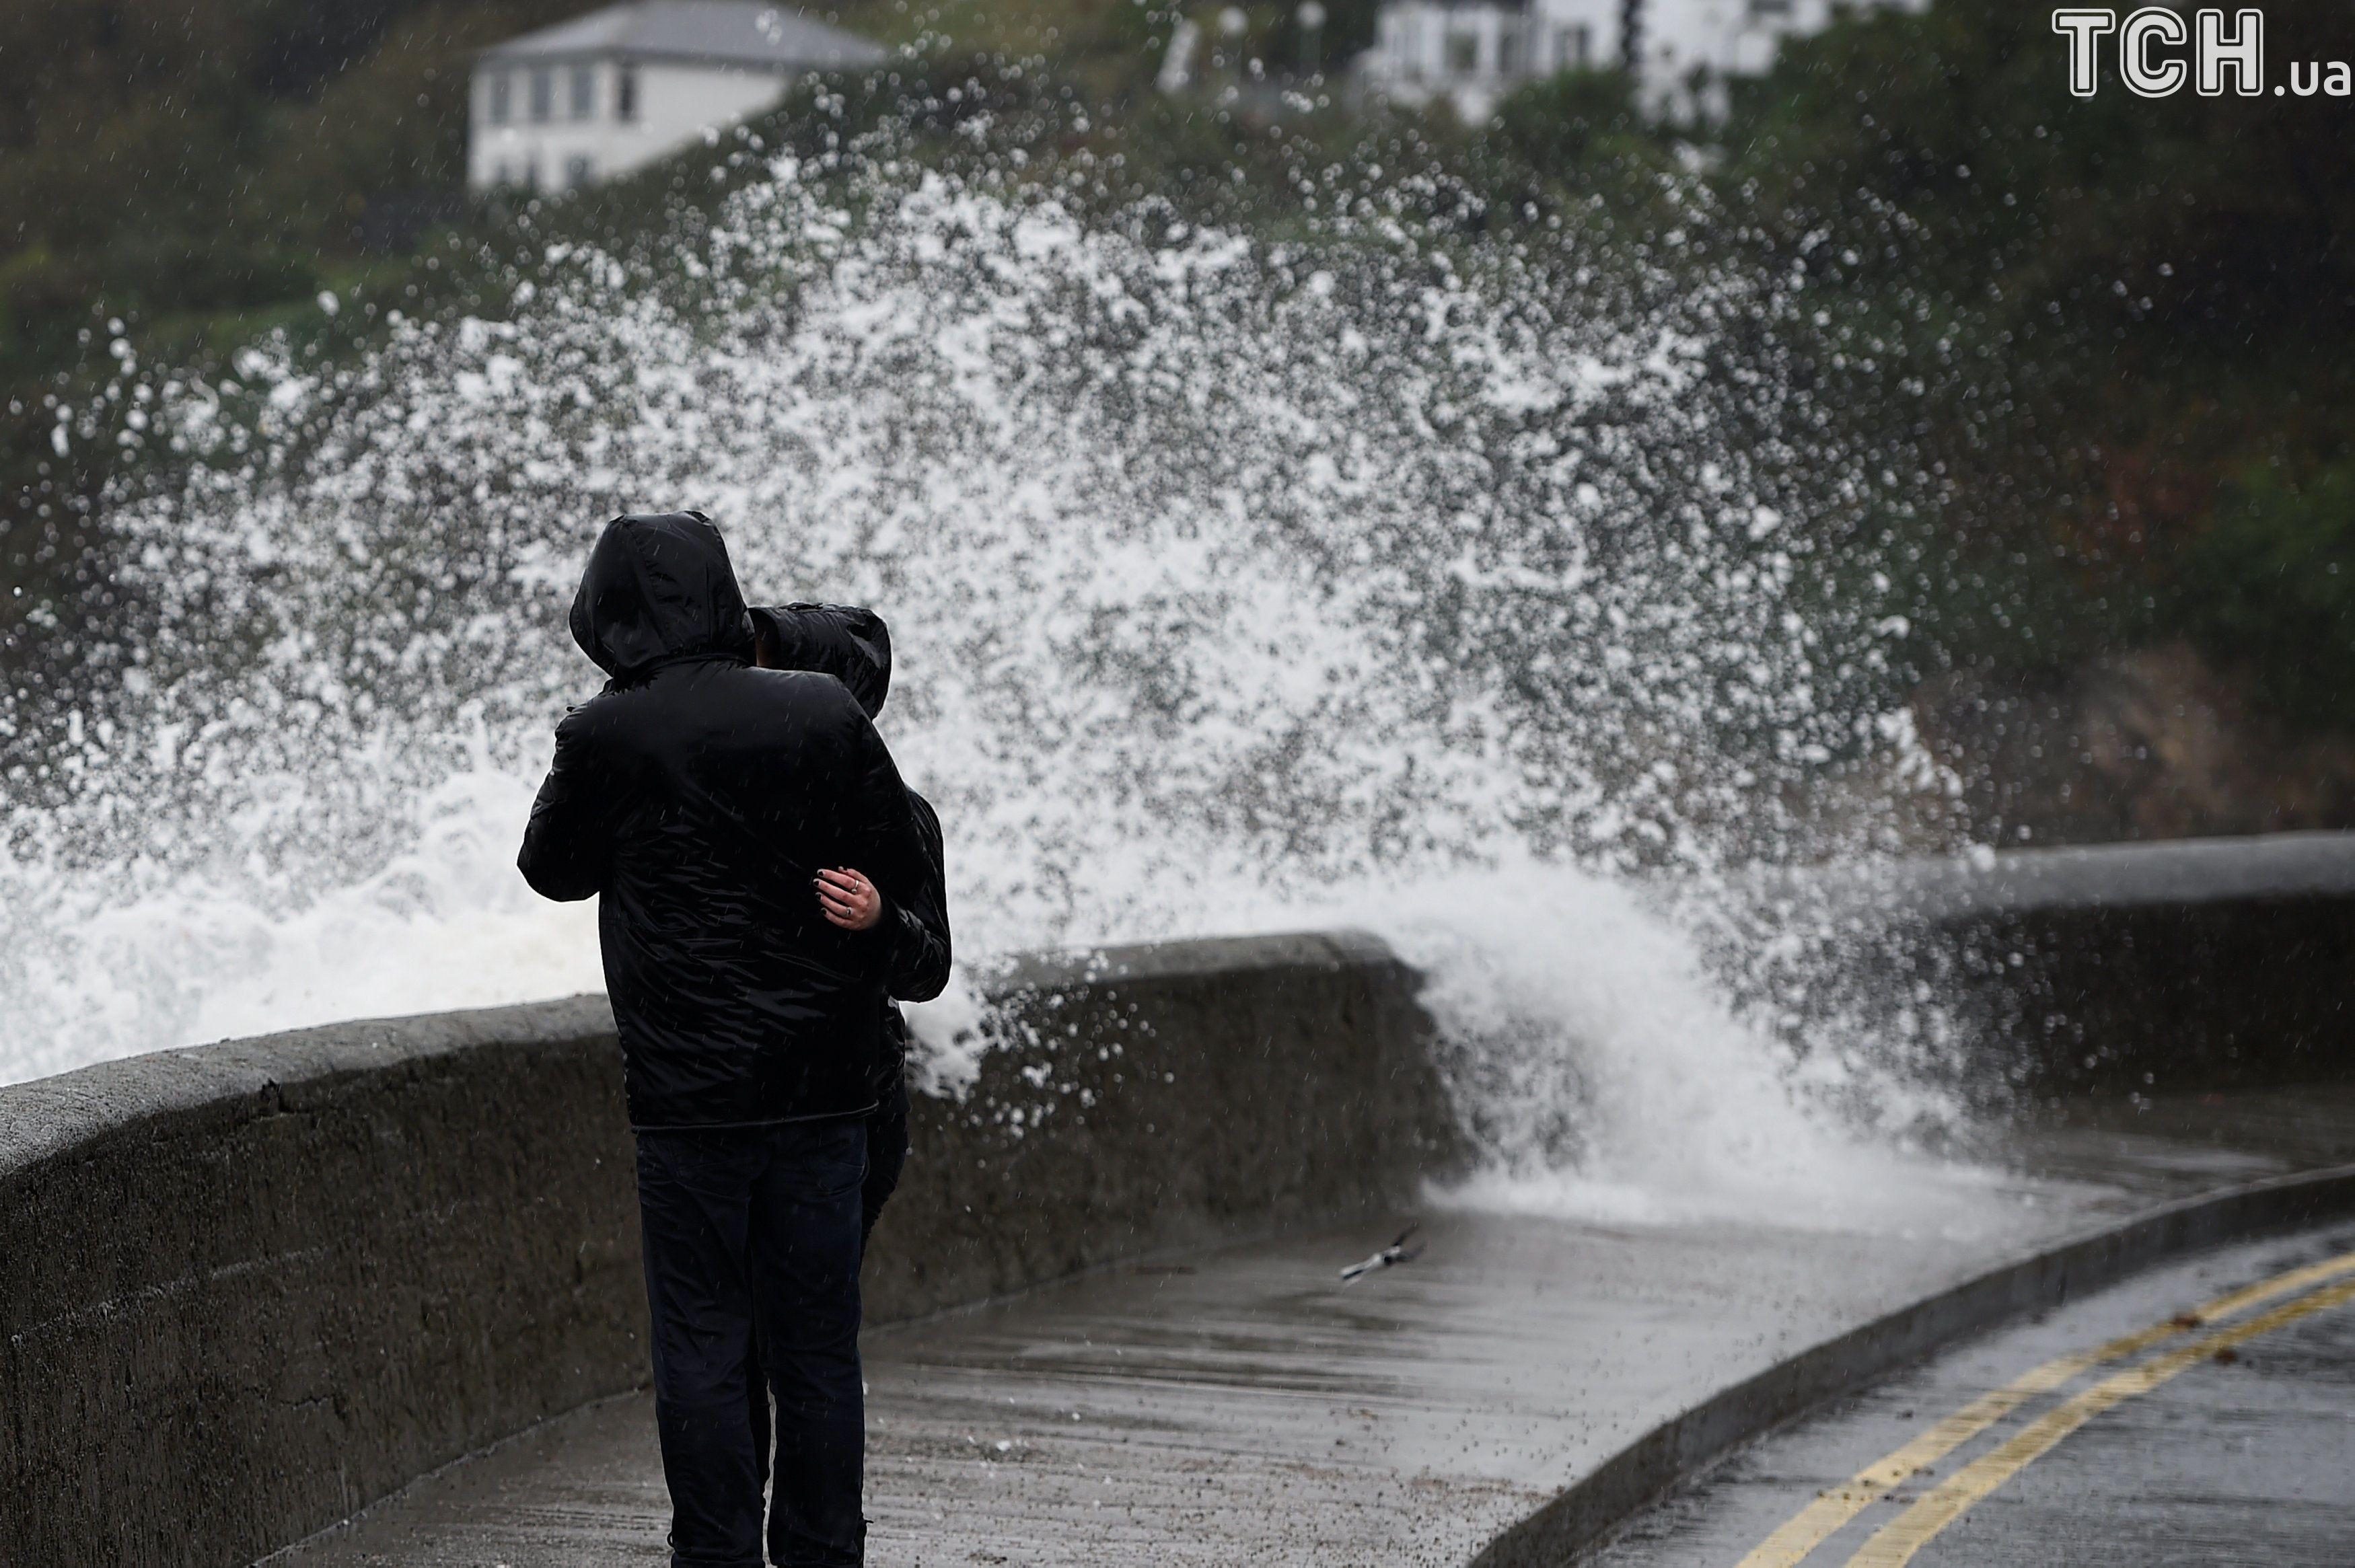 МИДРФ предупредил обугрозе подтопления вСоединенном Королевстве из-за шторма «Брайан»